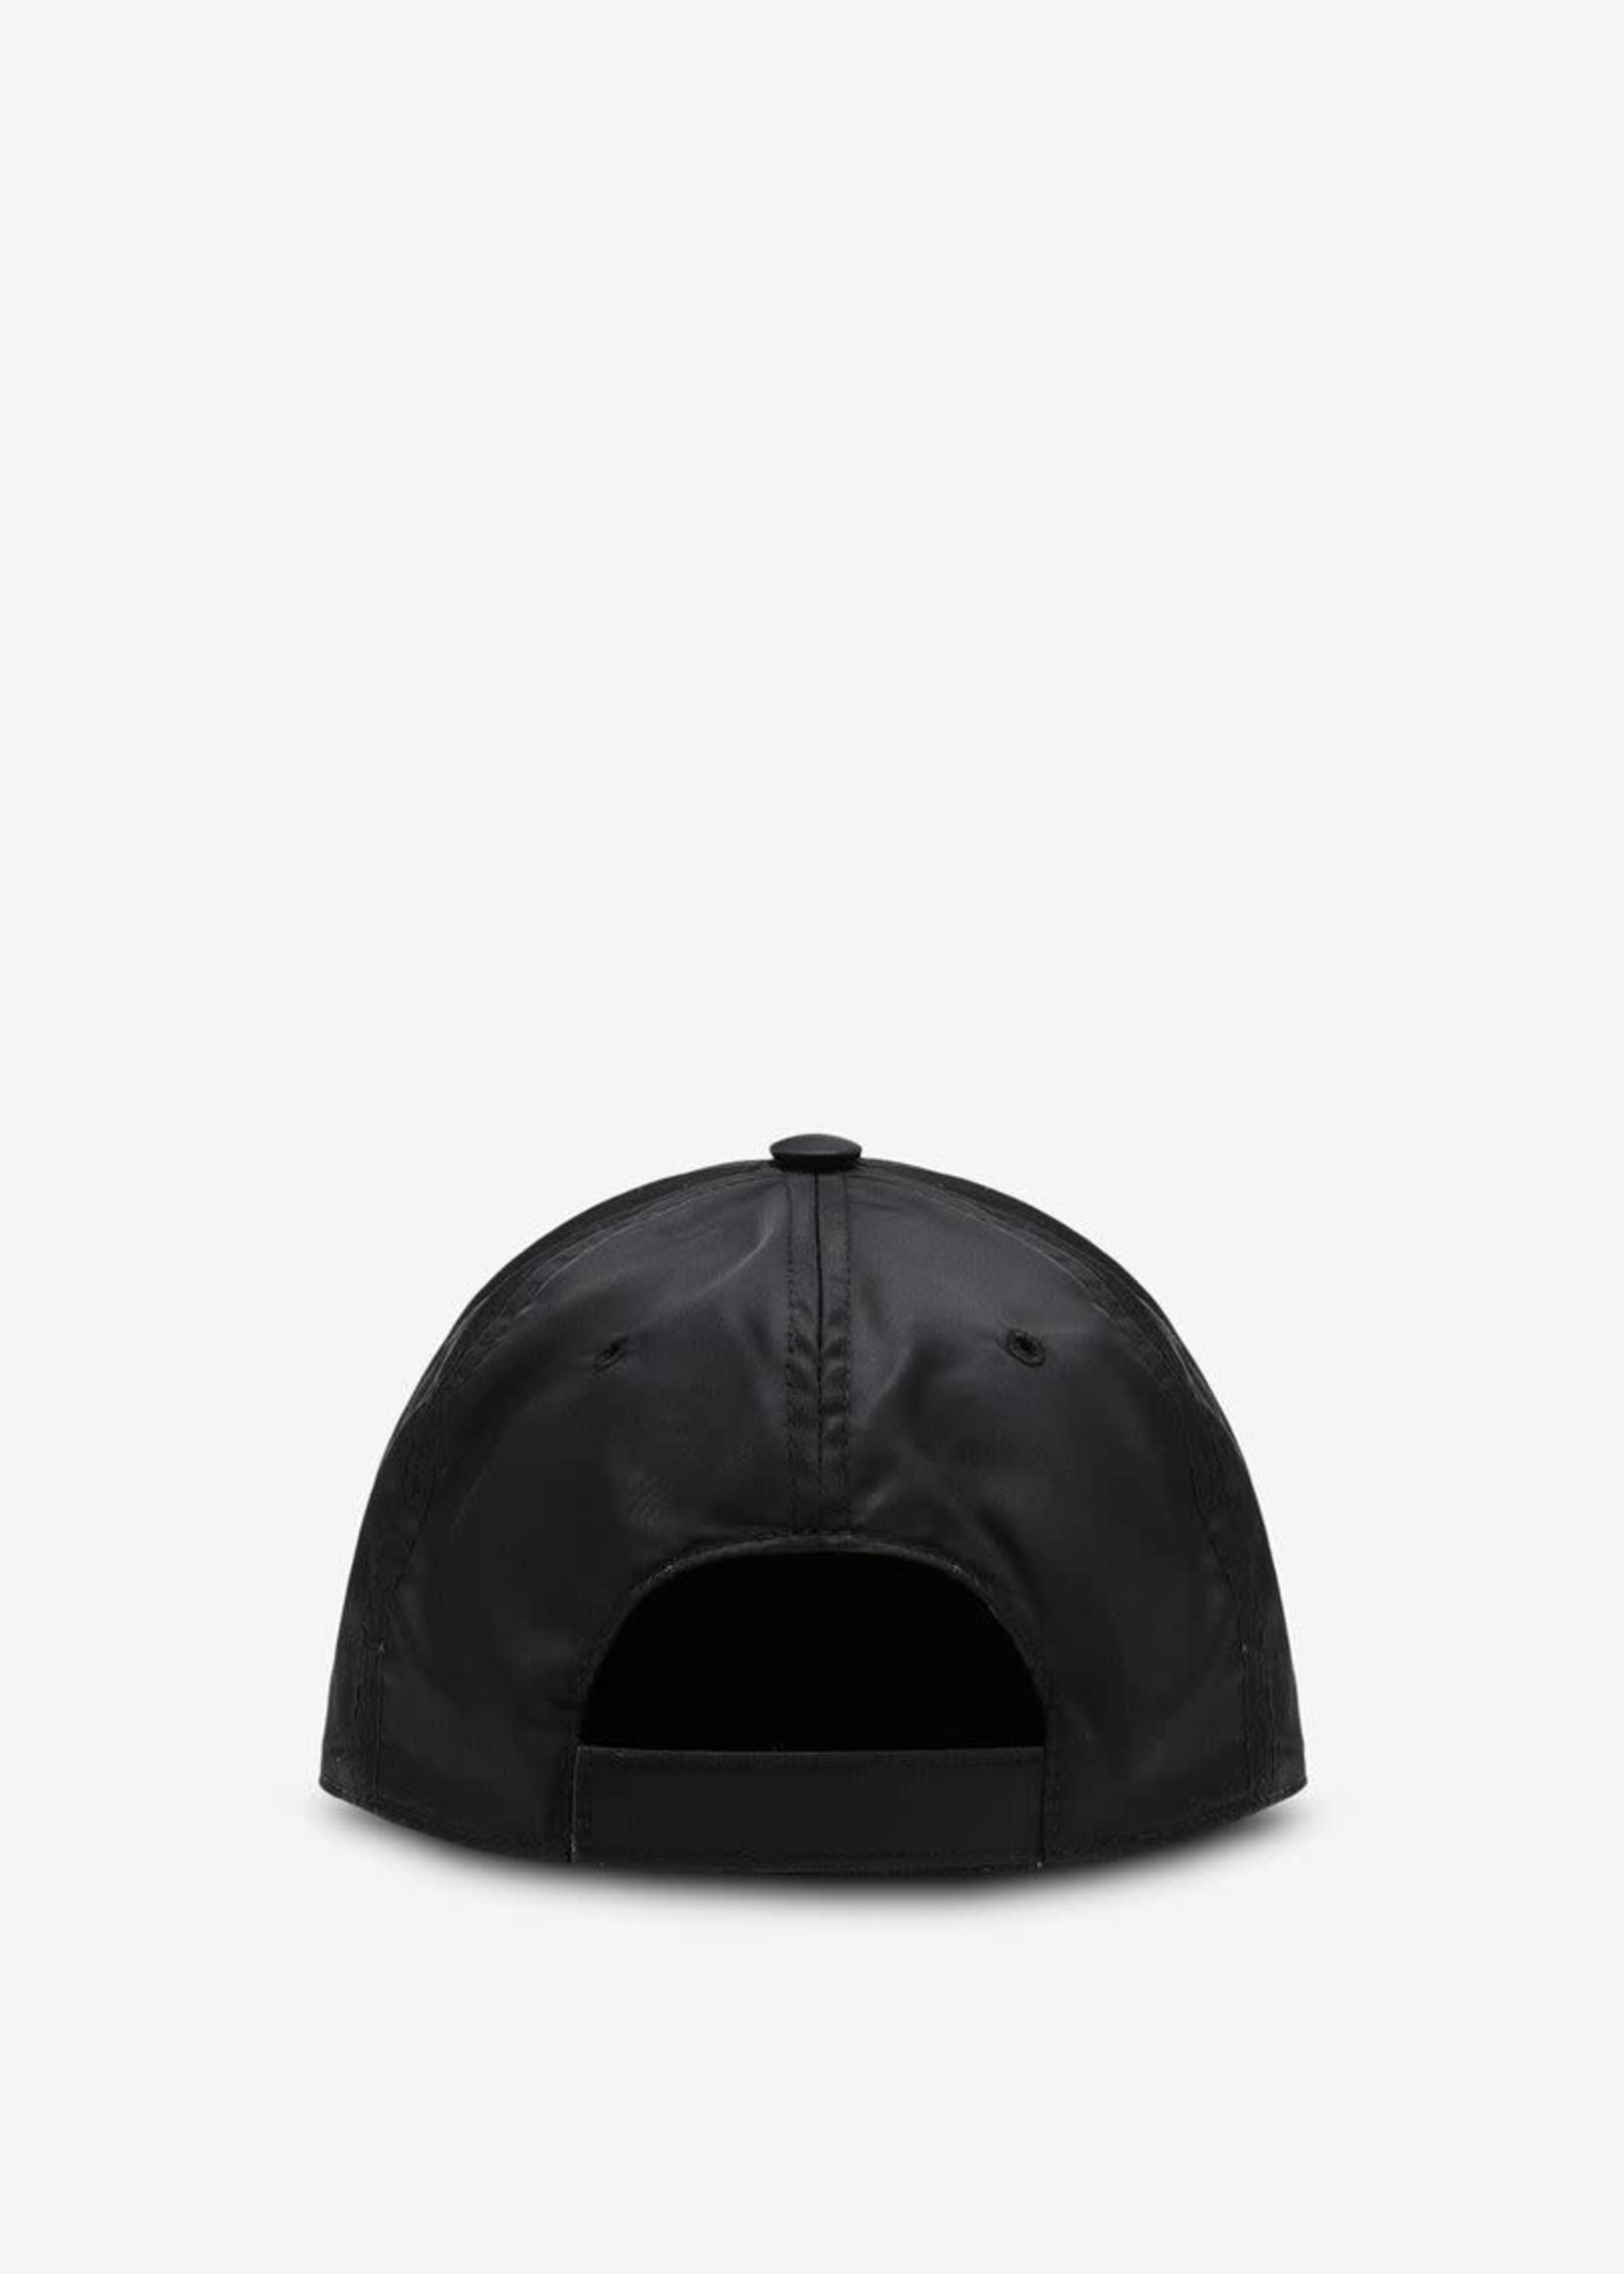 MM6 MAISON MARGIELA Nylon Logo Ball Cap in Black